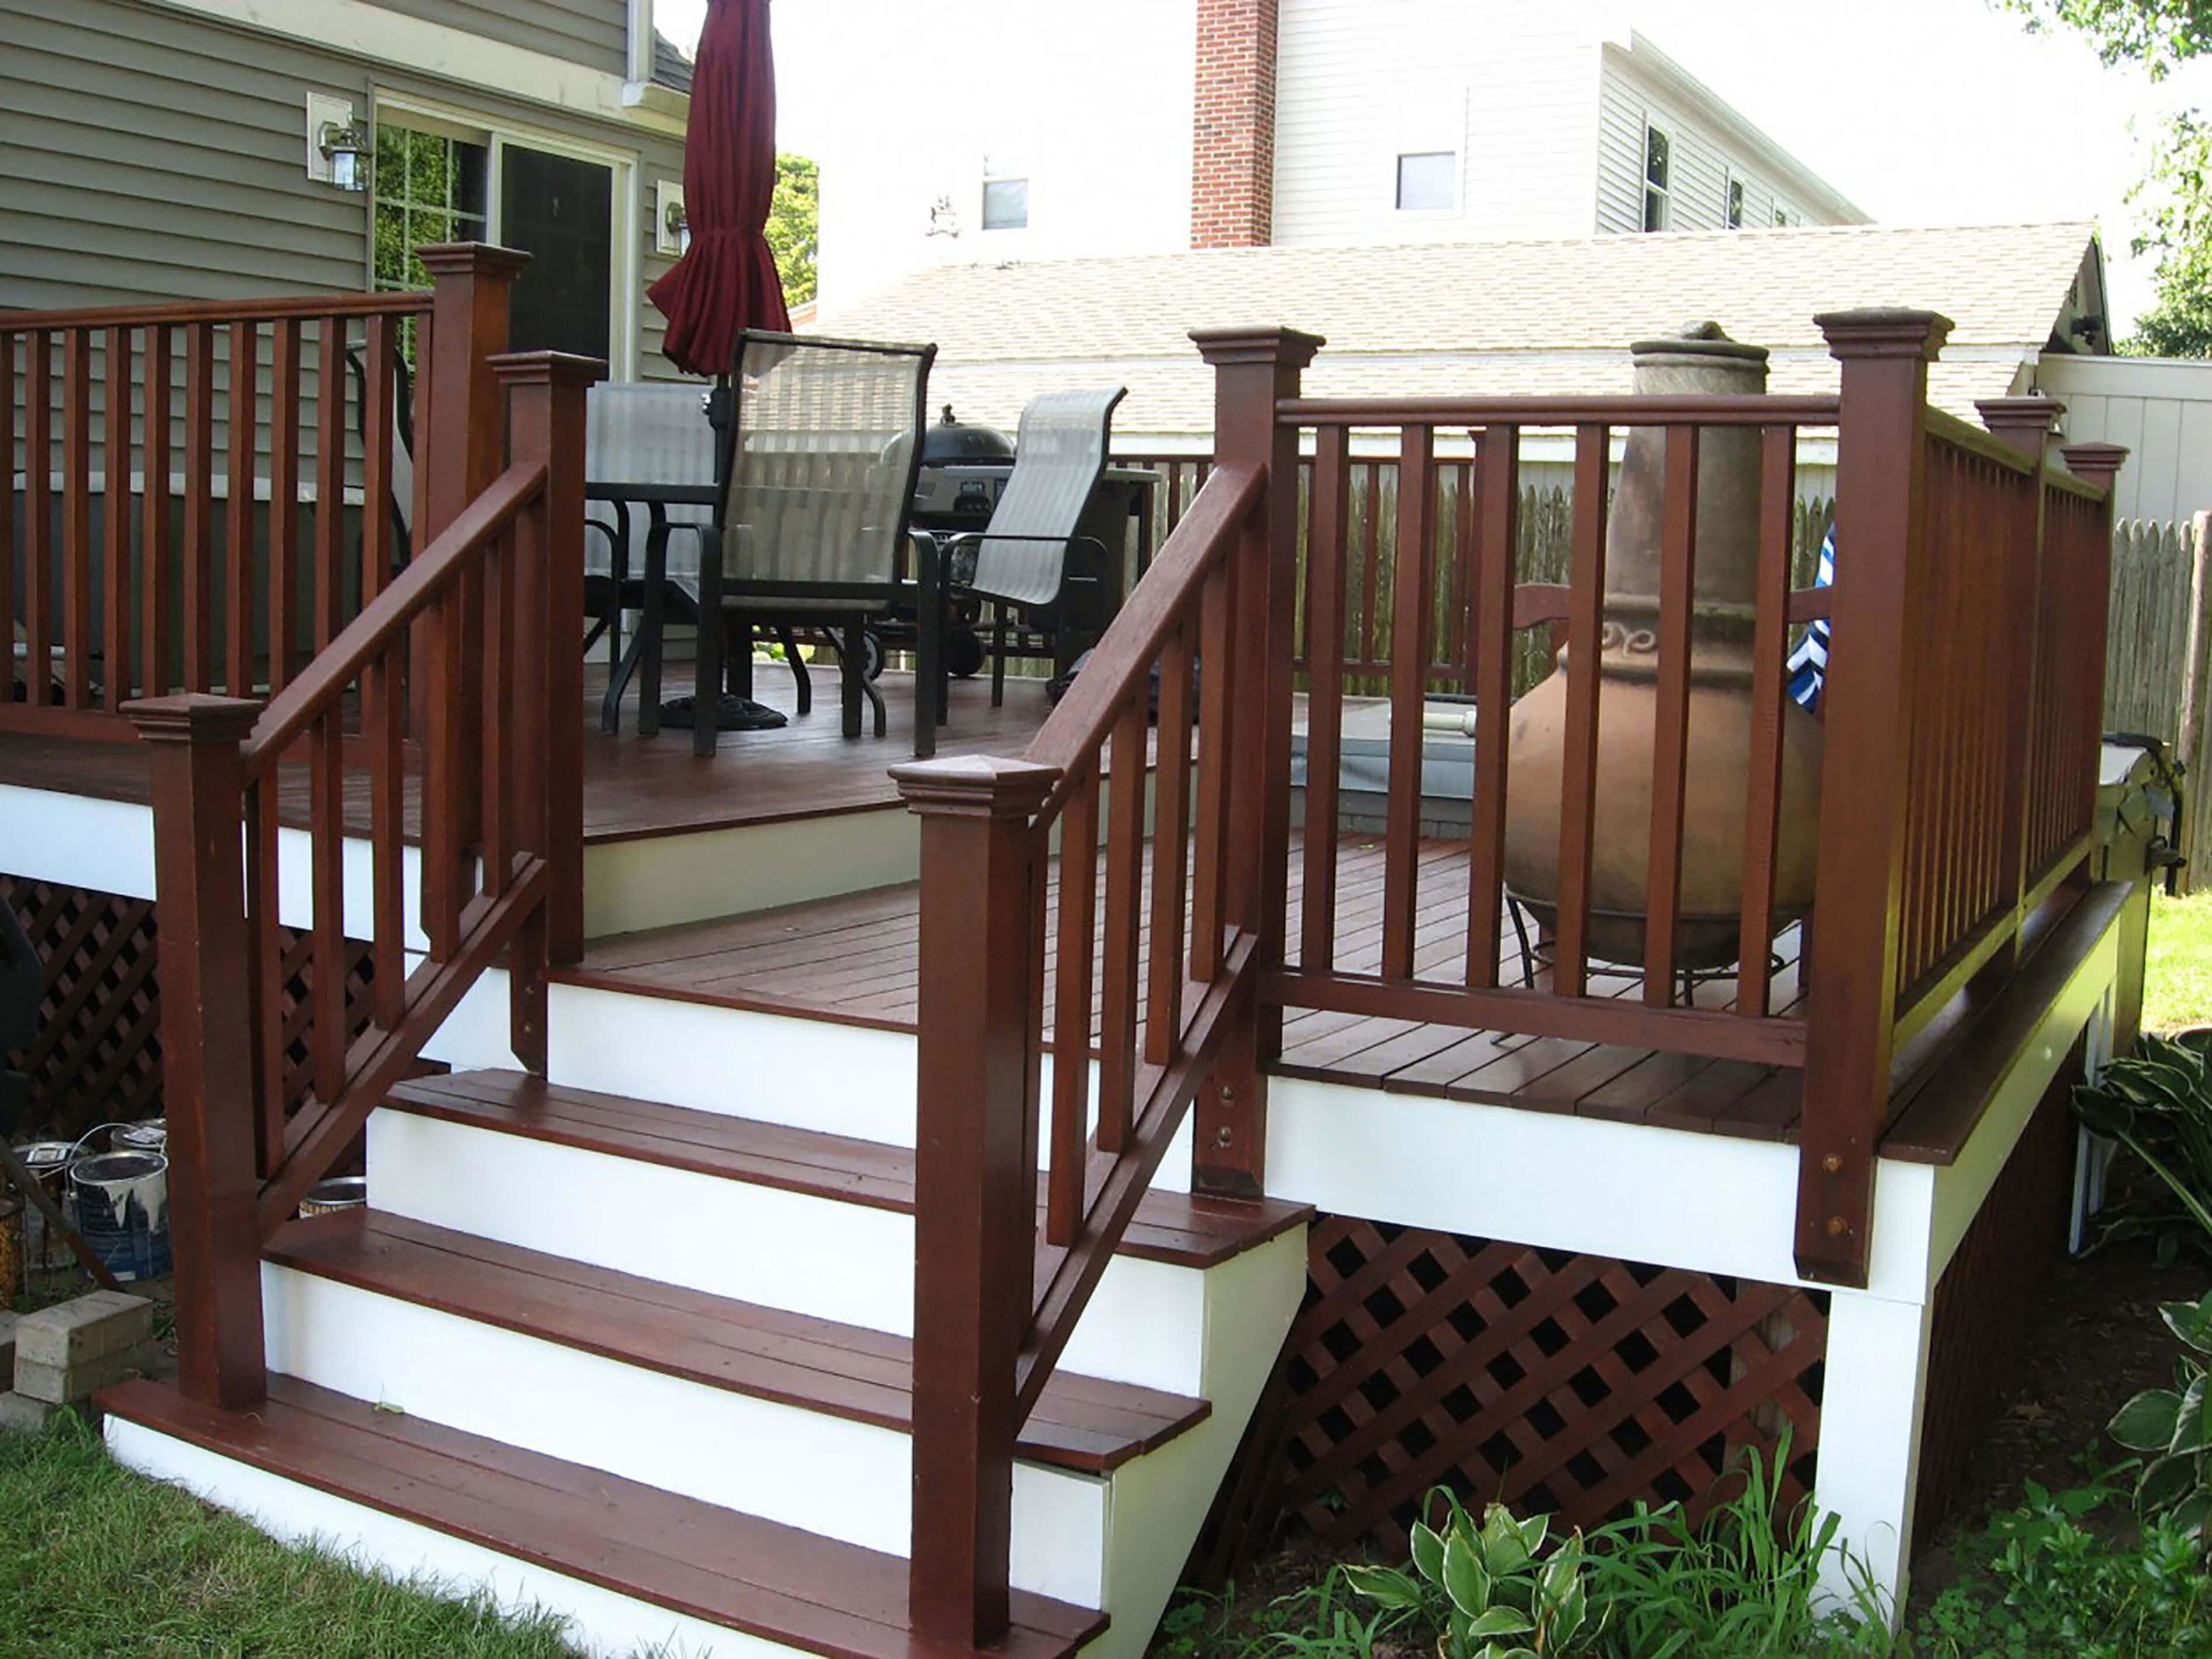 Outdoor Deck Renovations : Decks outdoor spaces rosengarten construction